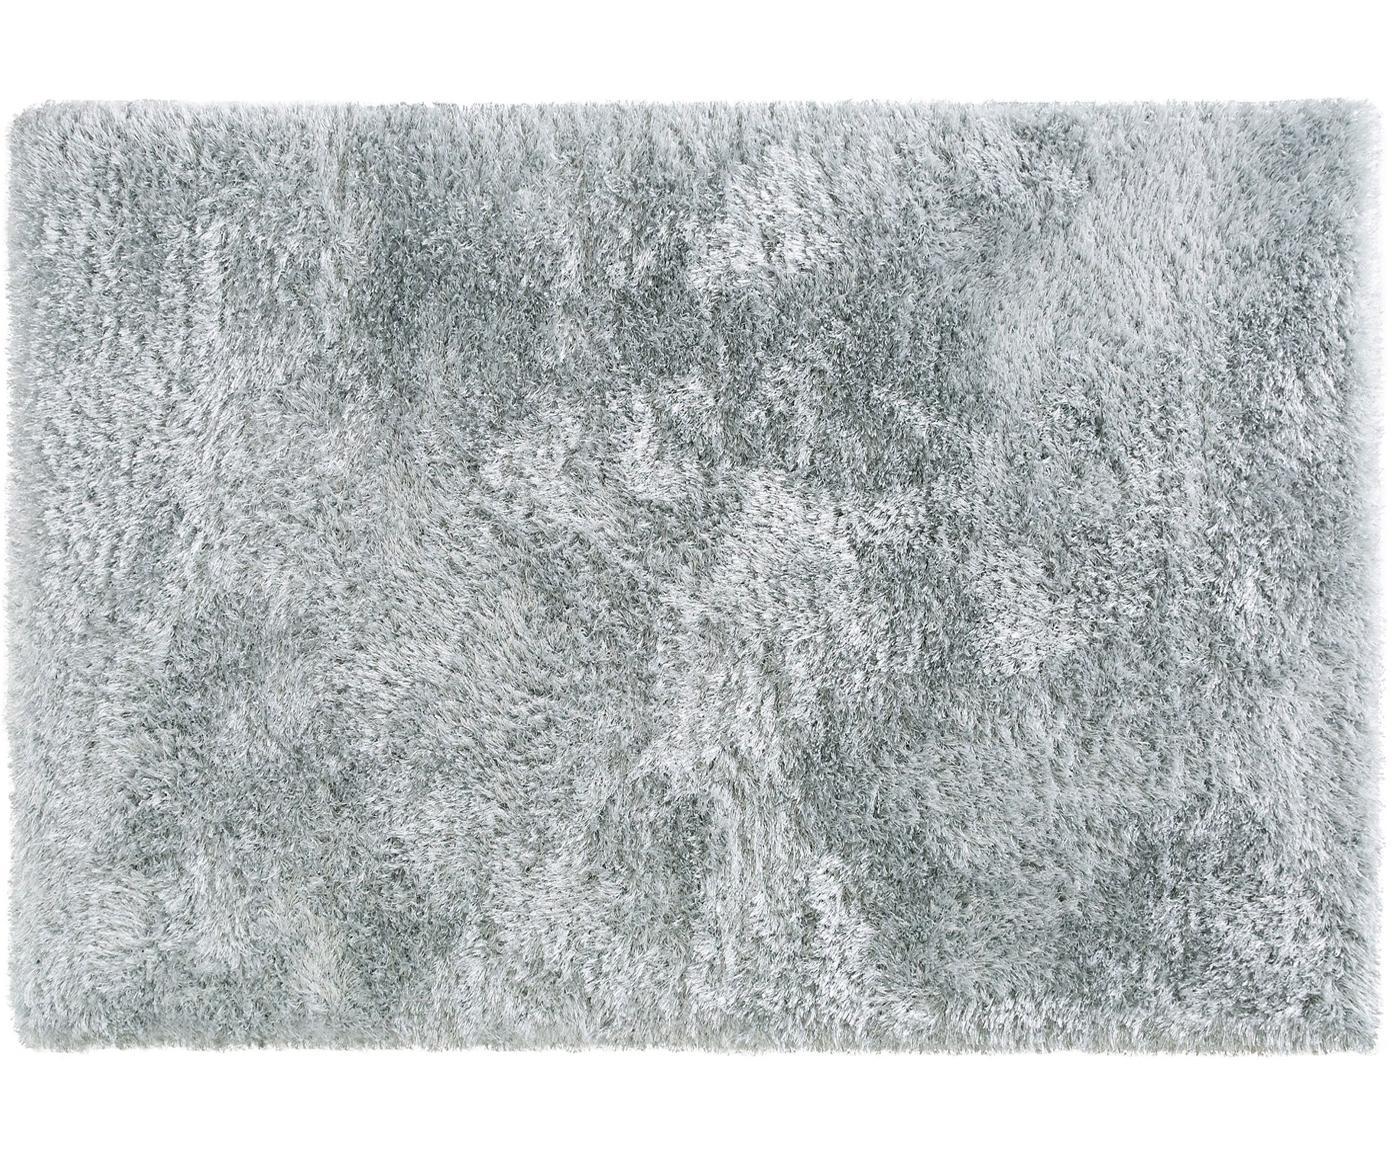 Dywan z wysokim stosem Lea, 50% poliester, 50% polipropylen, Jasny niebieski, S 160 x D 230 cm (Rozmiar M)